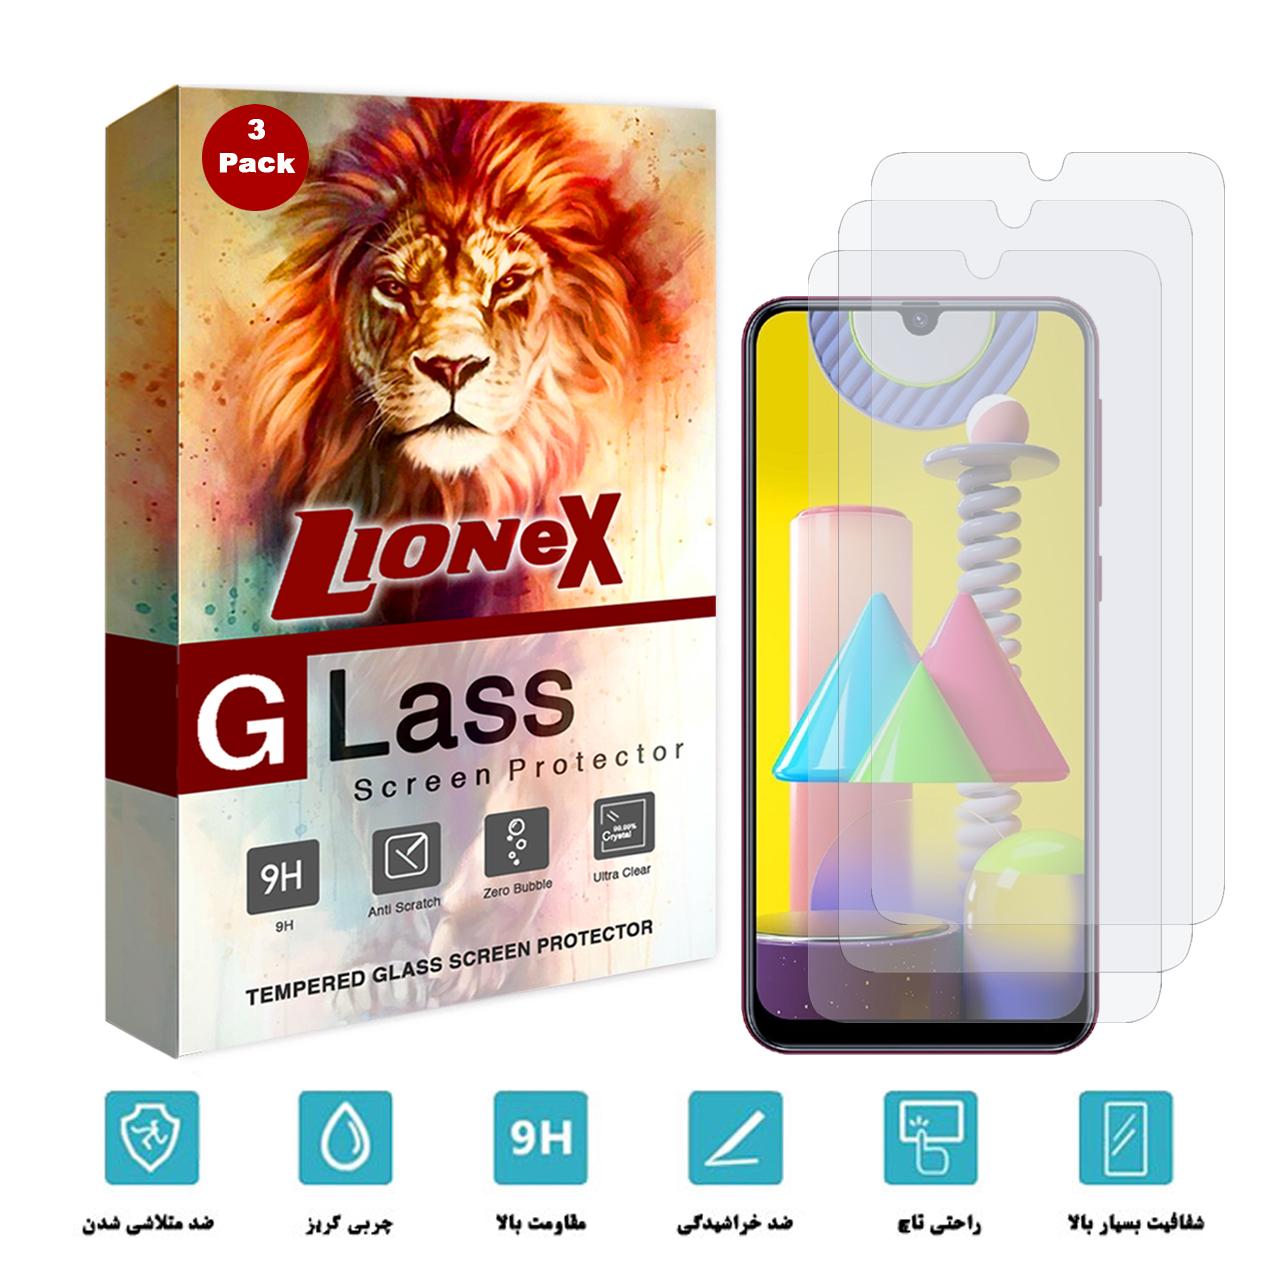 محافظ صفحه نمایش لایونکس مدل UPS مناسب برای گوشی موبایل سامسونگ Galaxy M31 بسته سه عددی              ( قیمت و خرید)